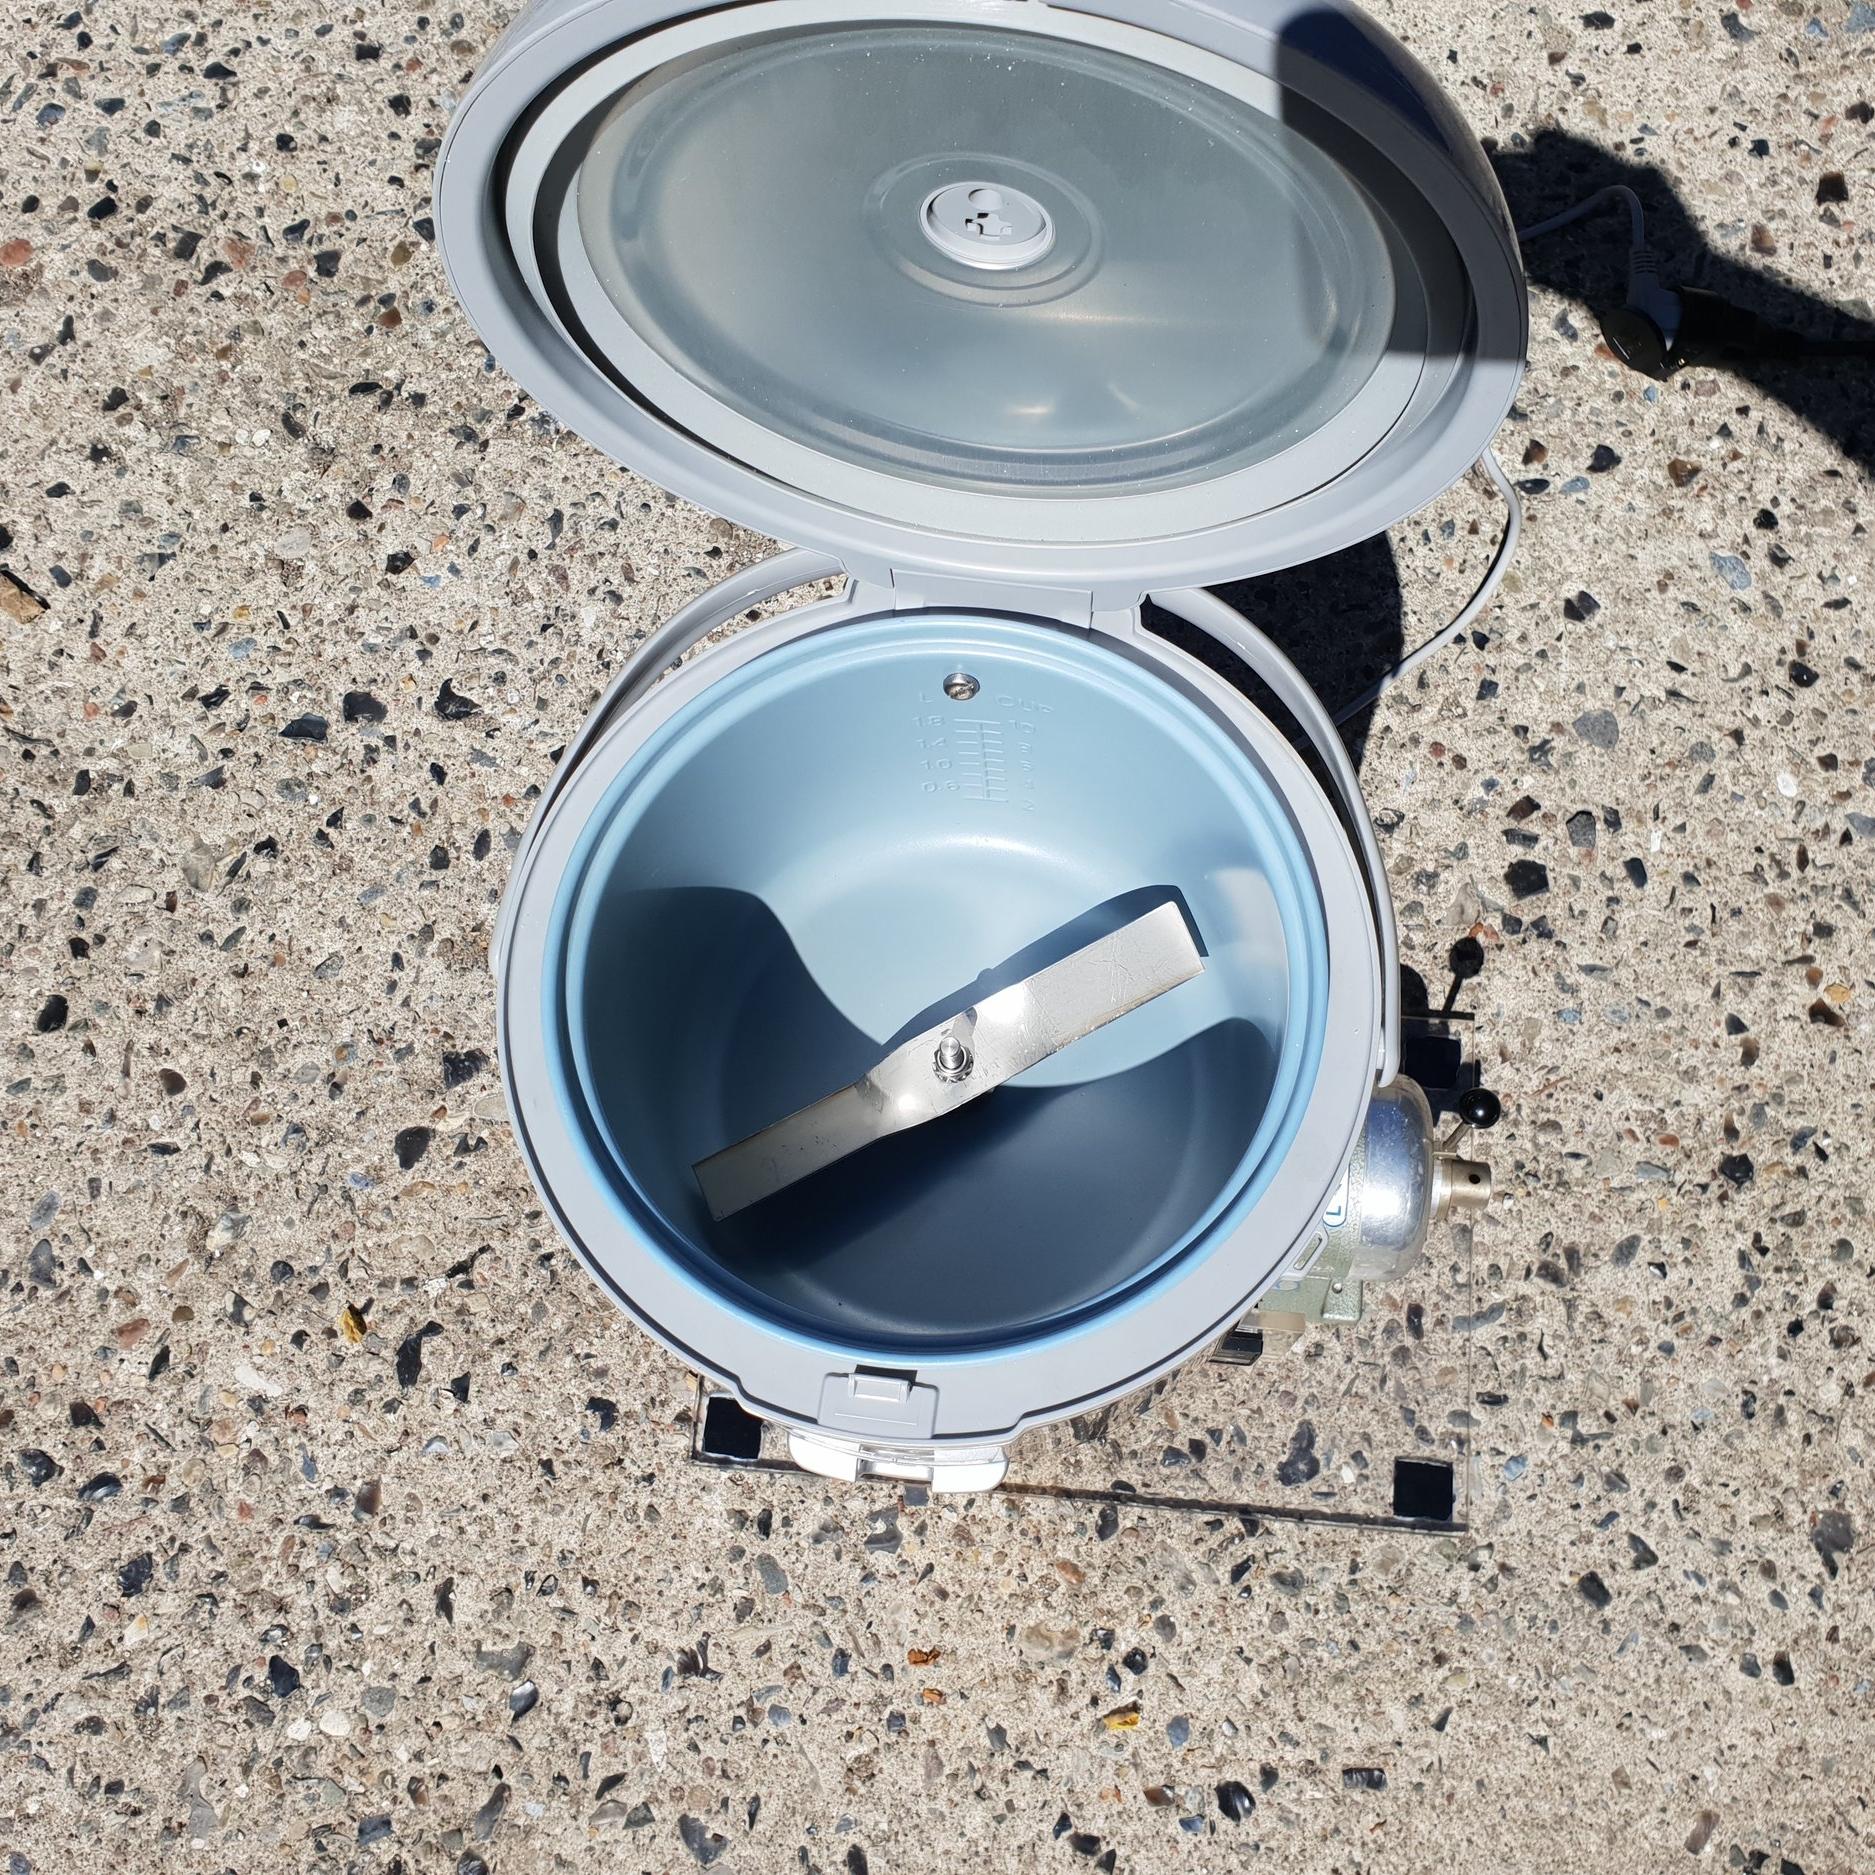 Adjustable tampureture and speed of stirring